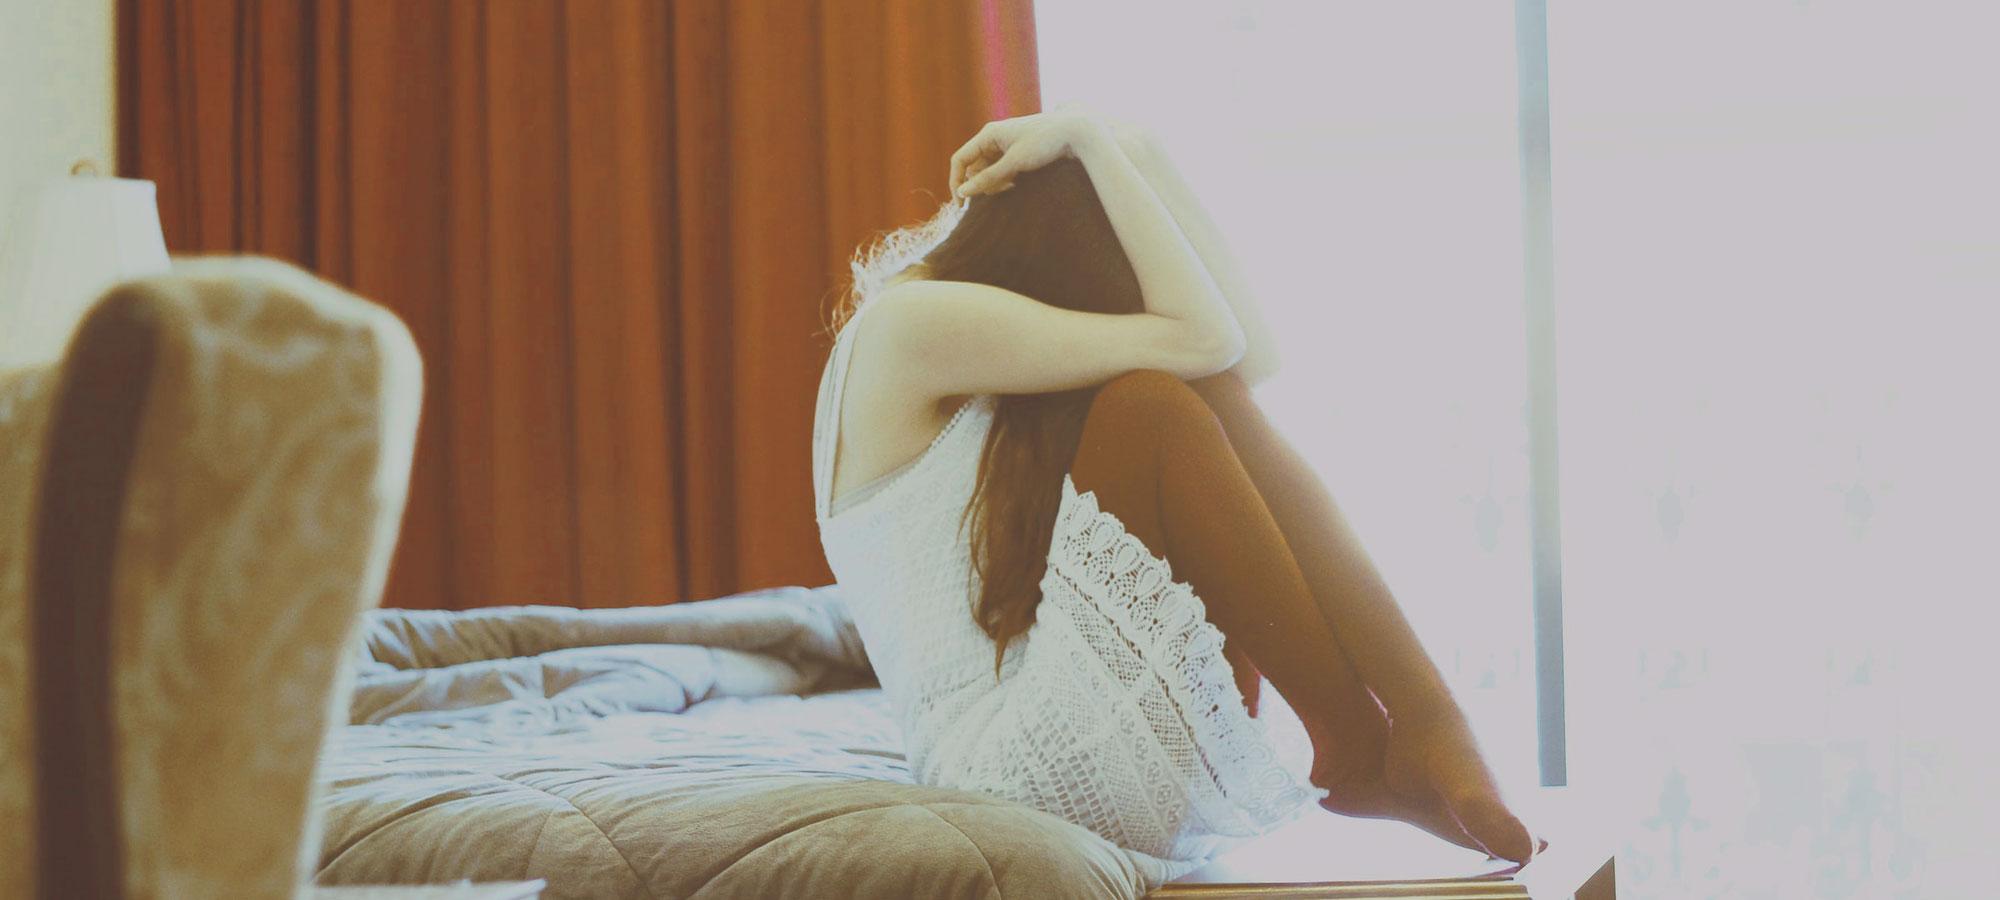 Essstörungen und Selbstverletzungen als Ausdruck von Not